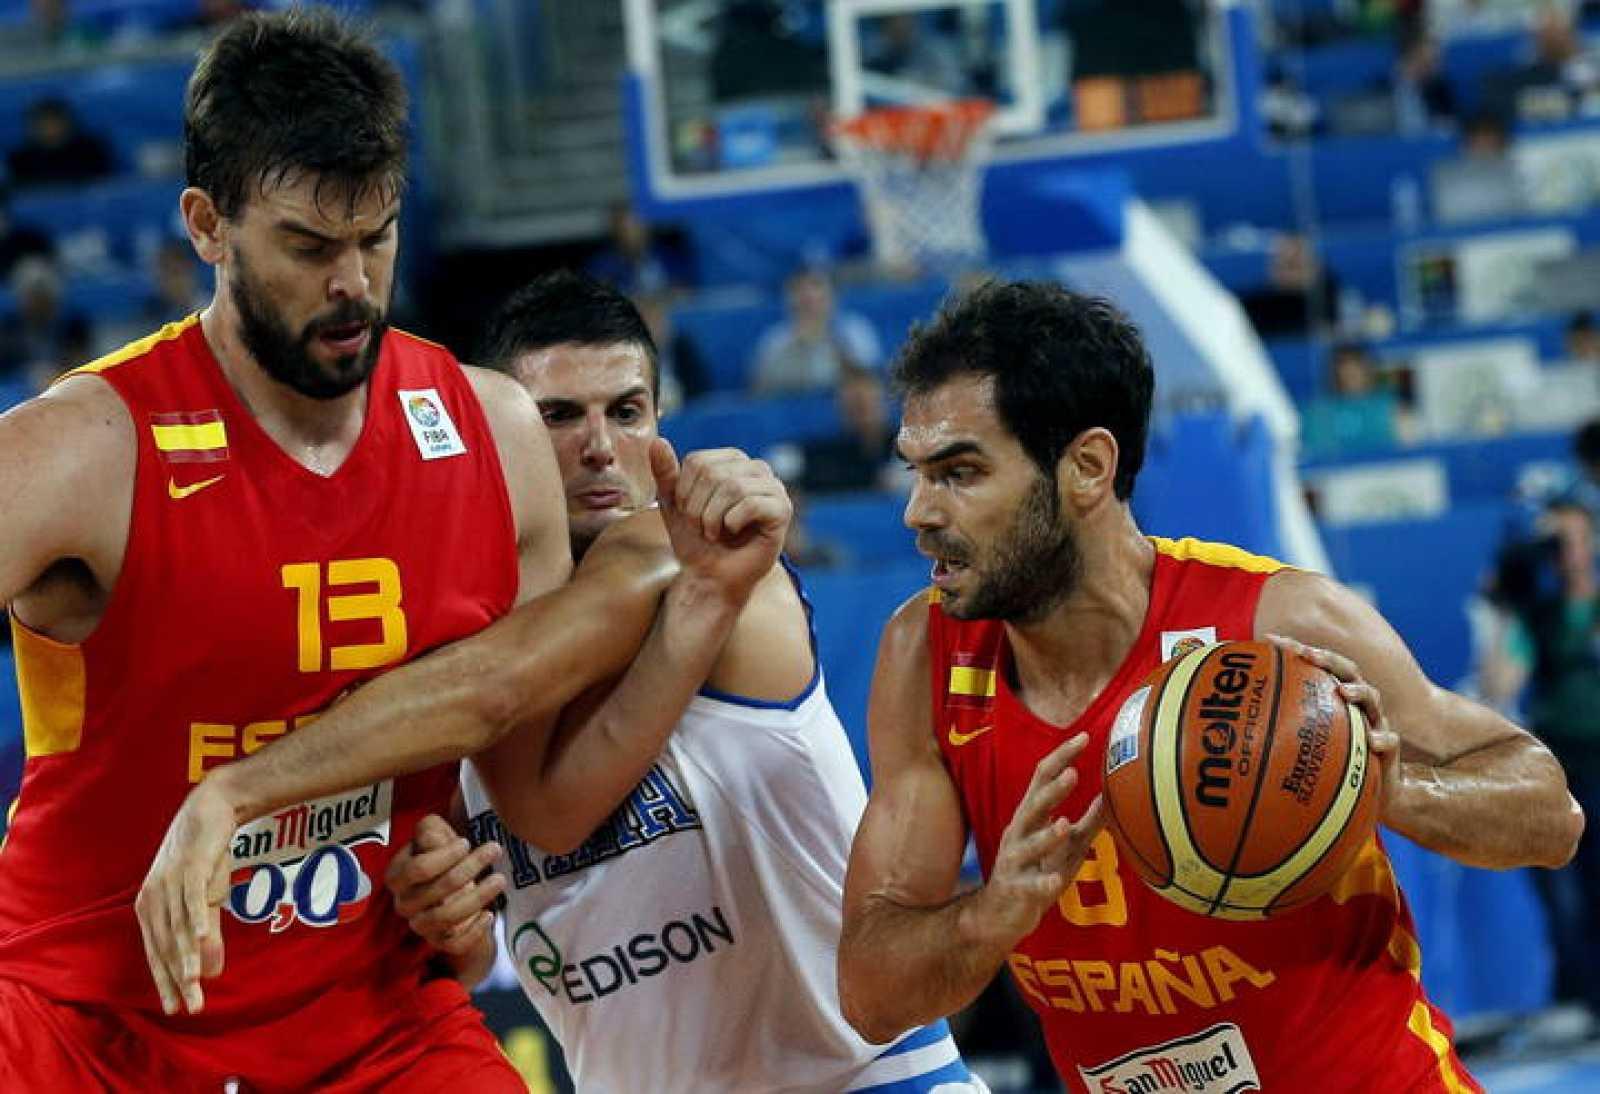 El base de la selección española José Manuel Calderón (d) avanza con el balón mientras el pívot español Marc Gasol bloquea al base italiano Andrea Cinciarini (c)